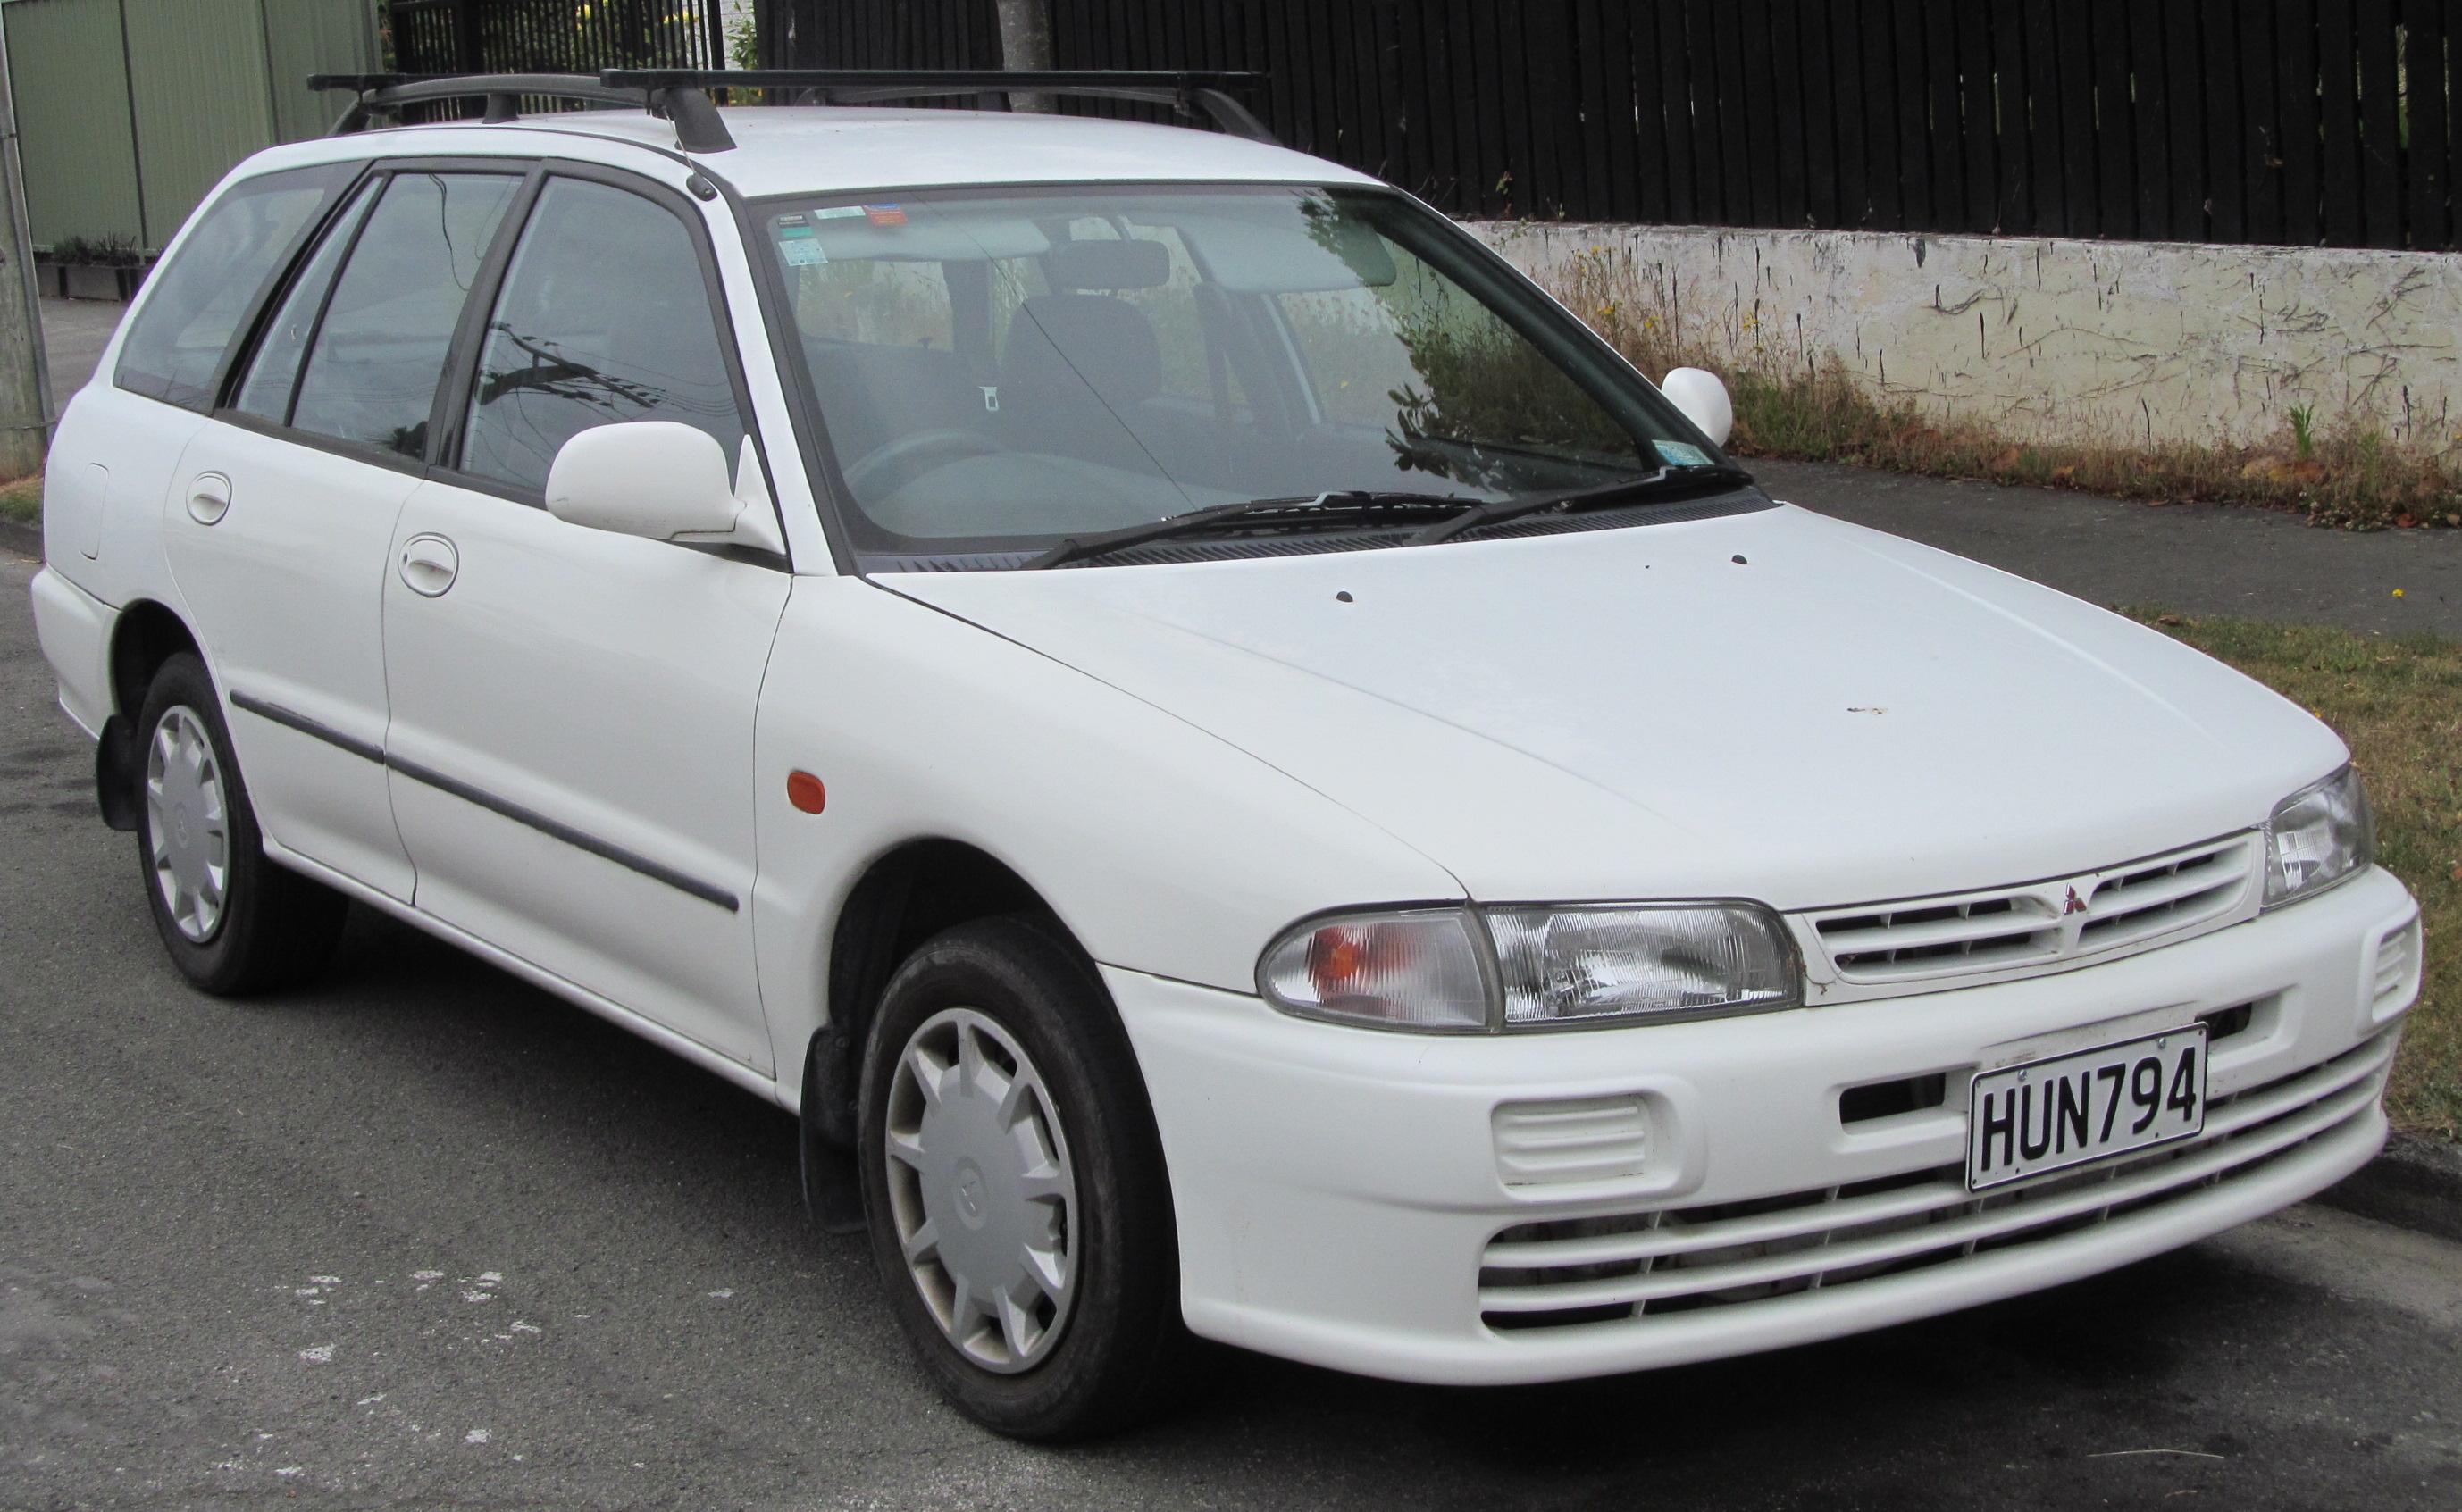 Mitsubishi Galant Iii Wagon 2 0 Glx 98 Hp